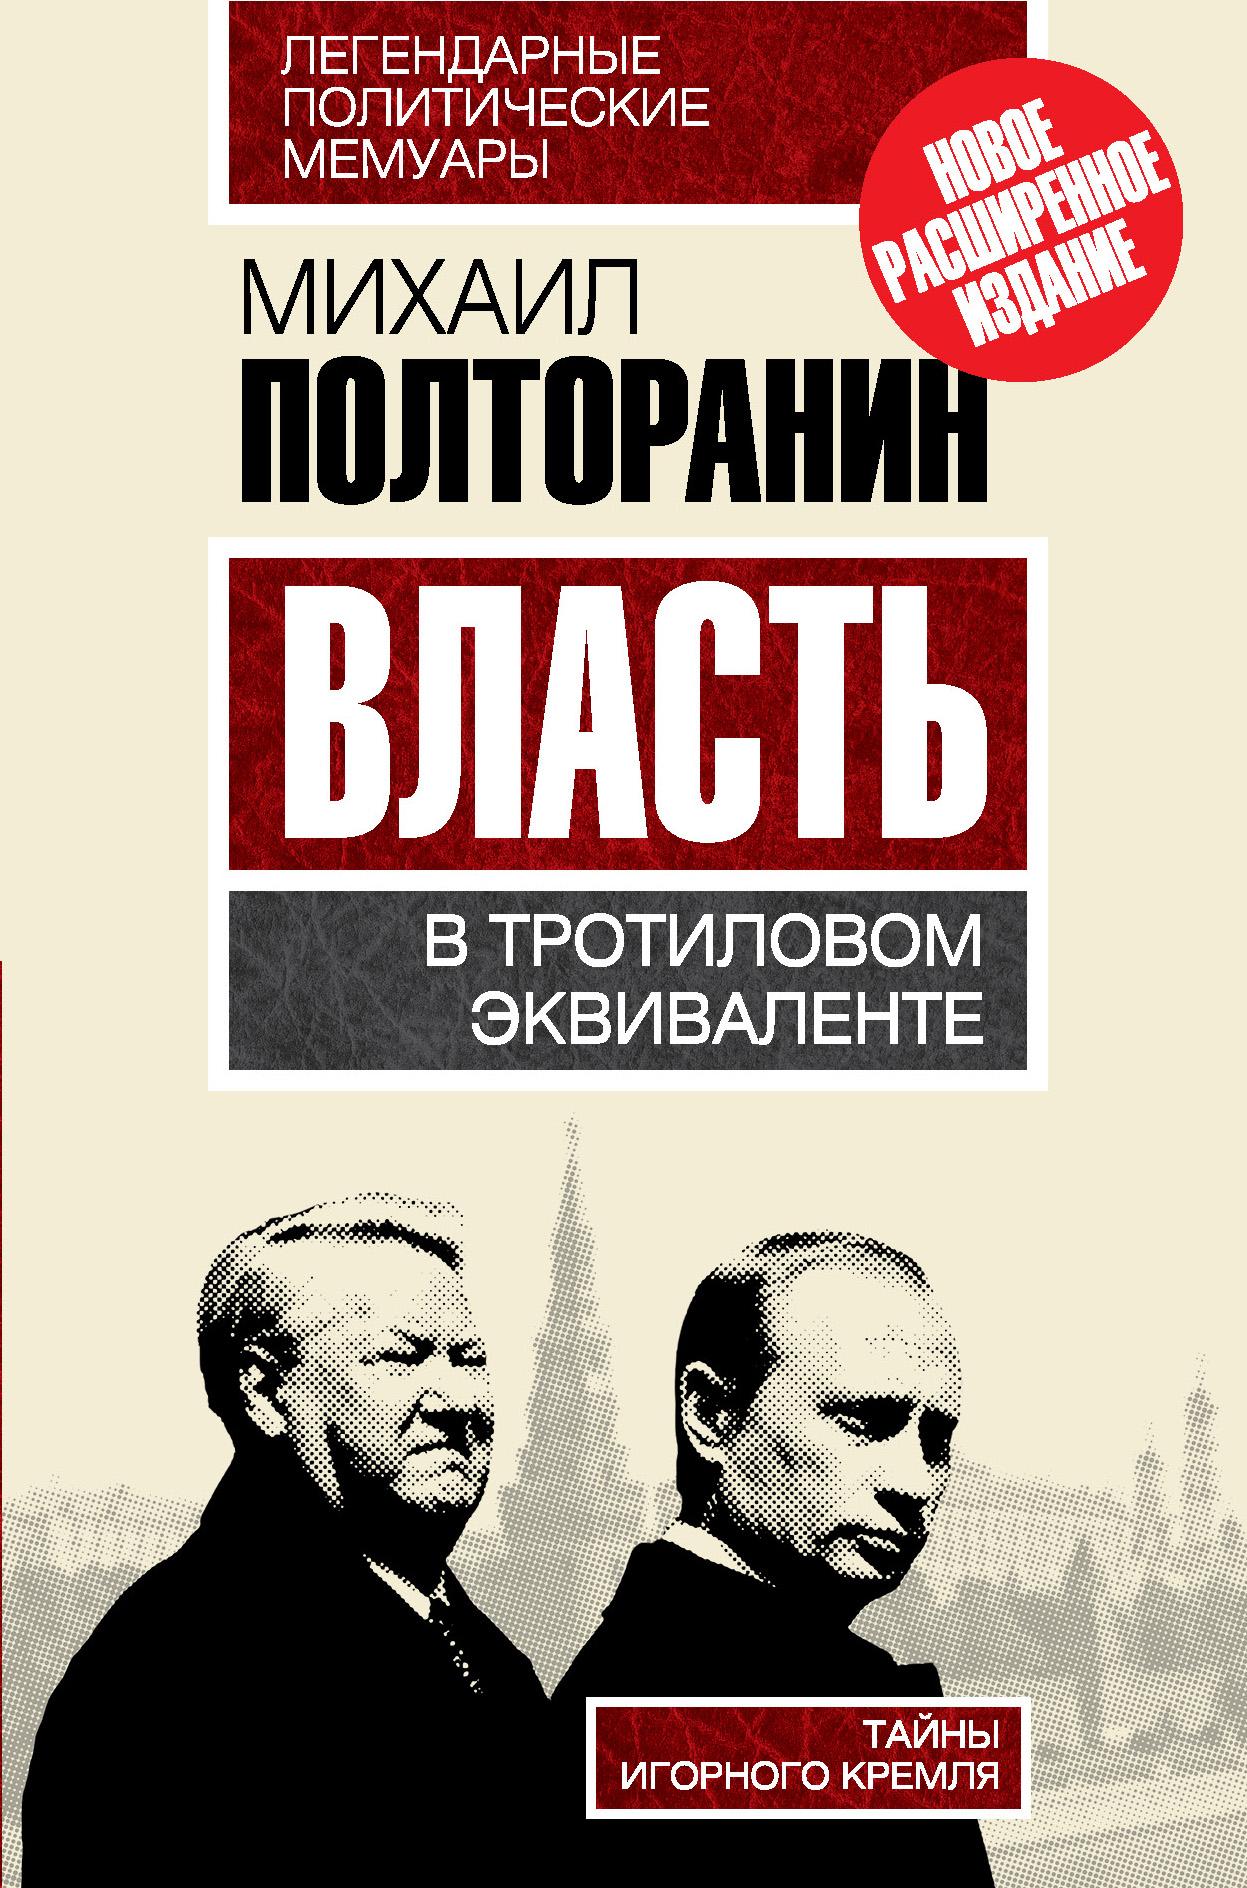 Купить со скидкой Власть в тротиловом эквиваленте. Тайны игорного Кремля